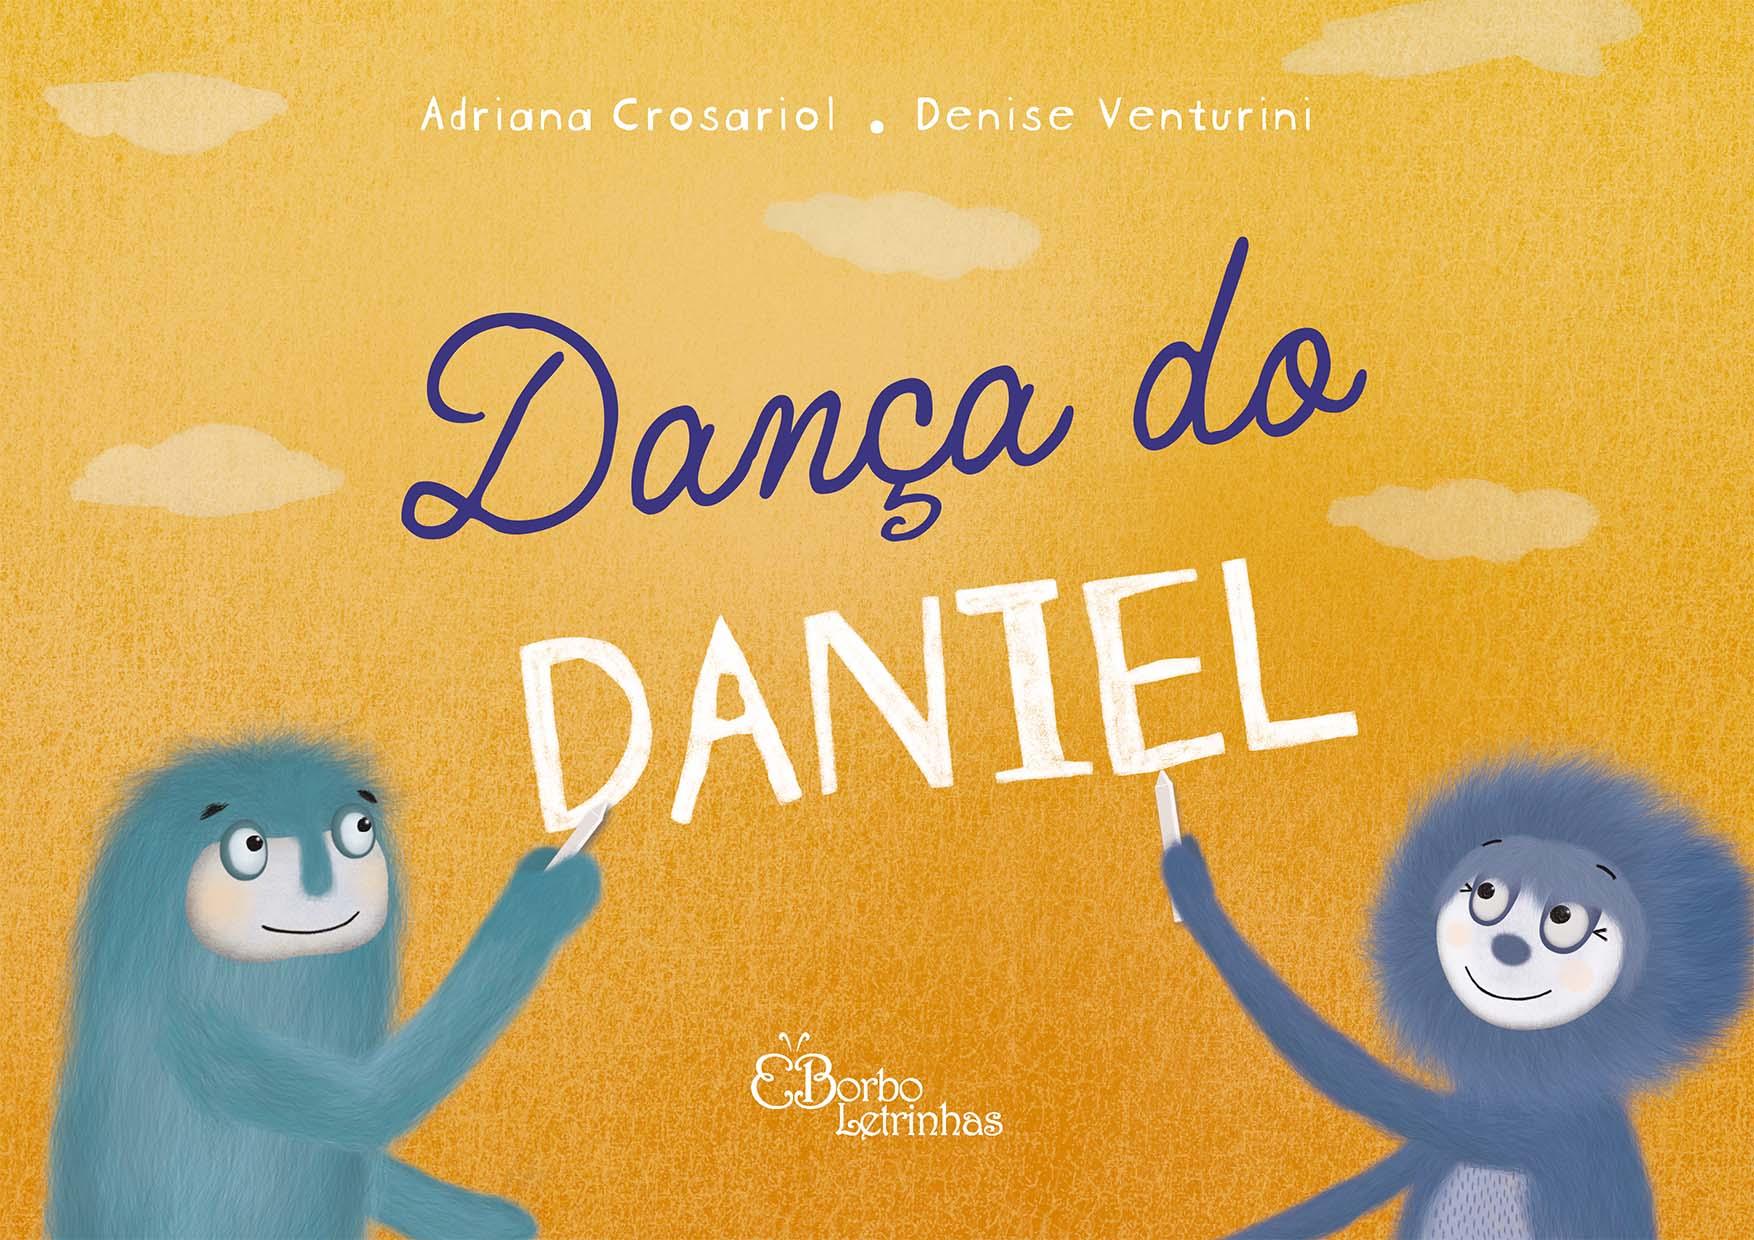 Dança do Daniel